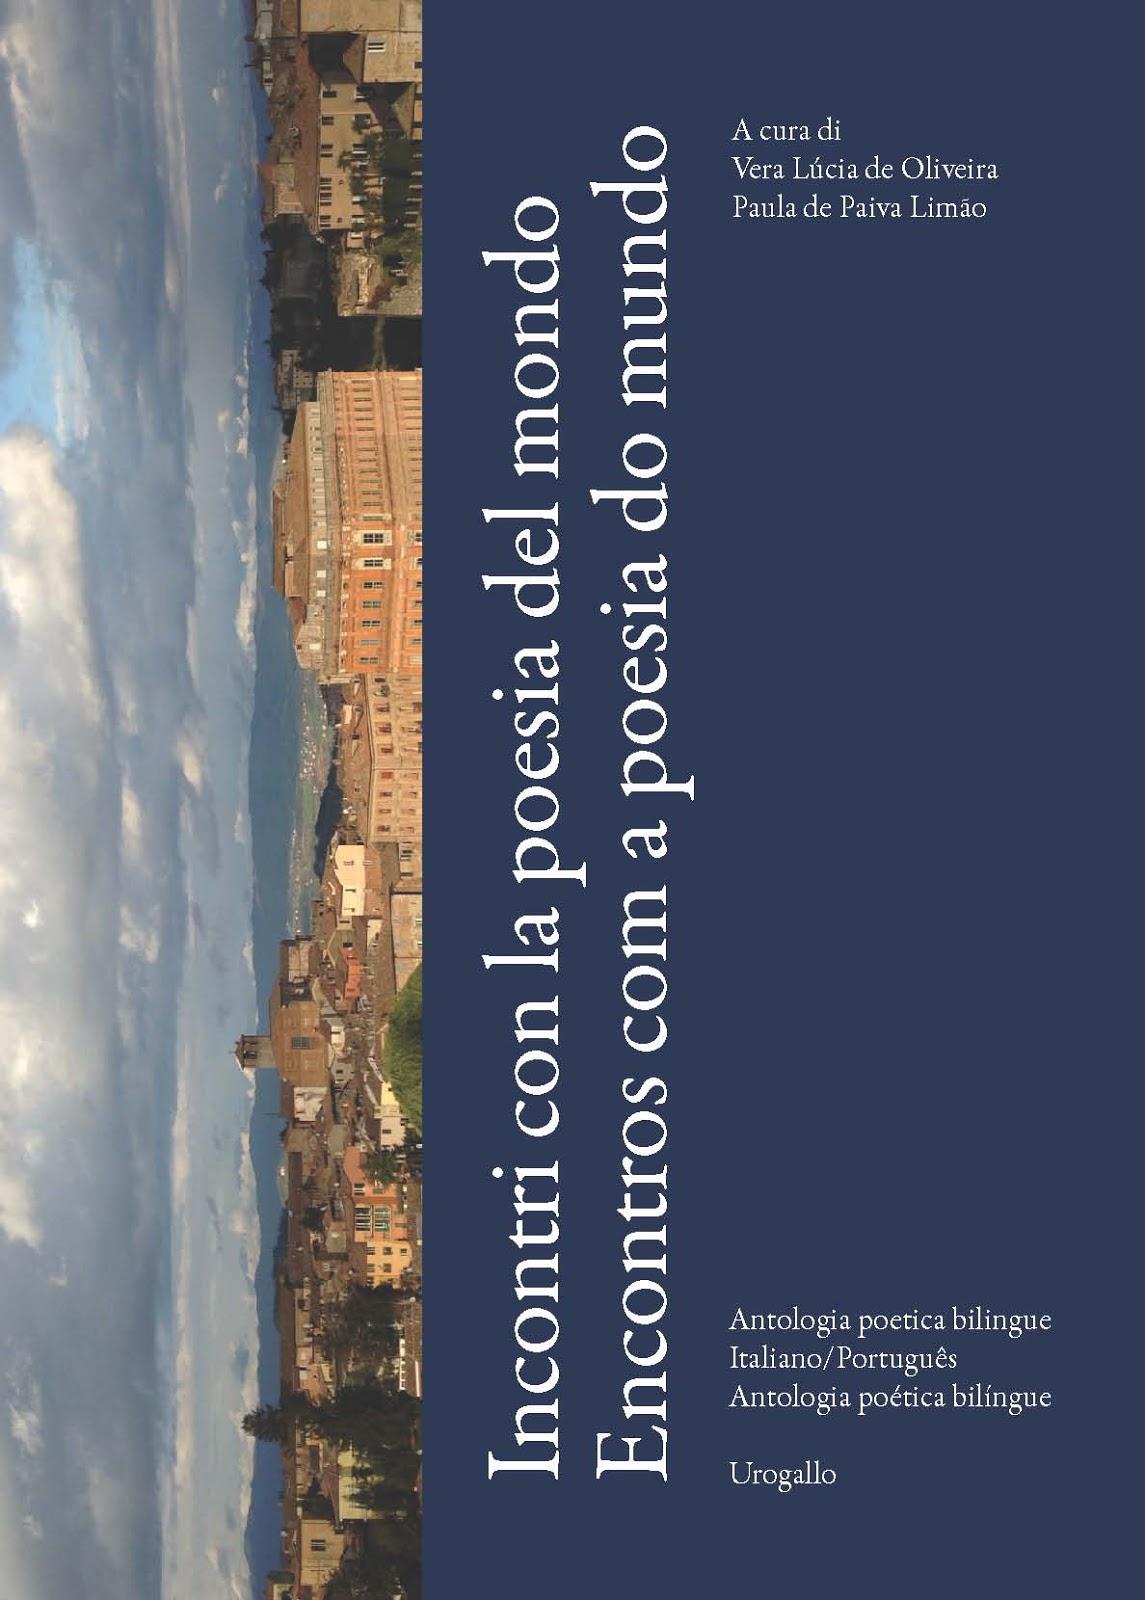 Via dei portoghesi edizioni dell urogallo incontri con la poesia del mondo encontros com a - La finestra del mondo poesia ...